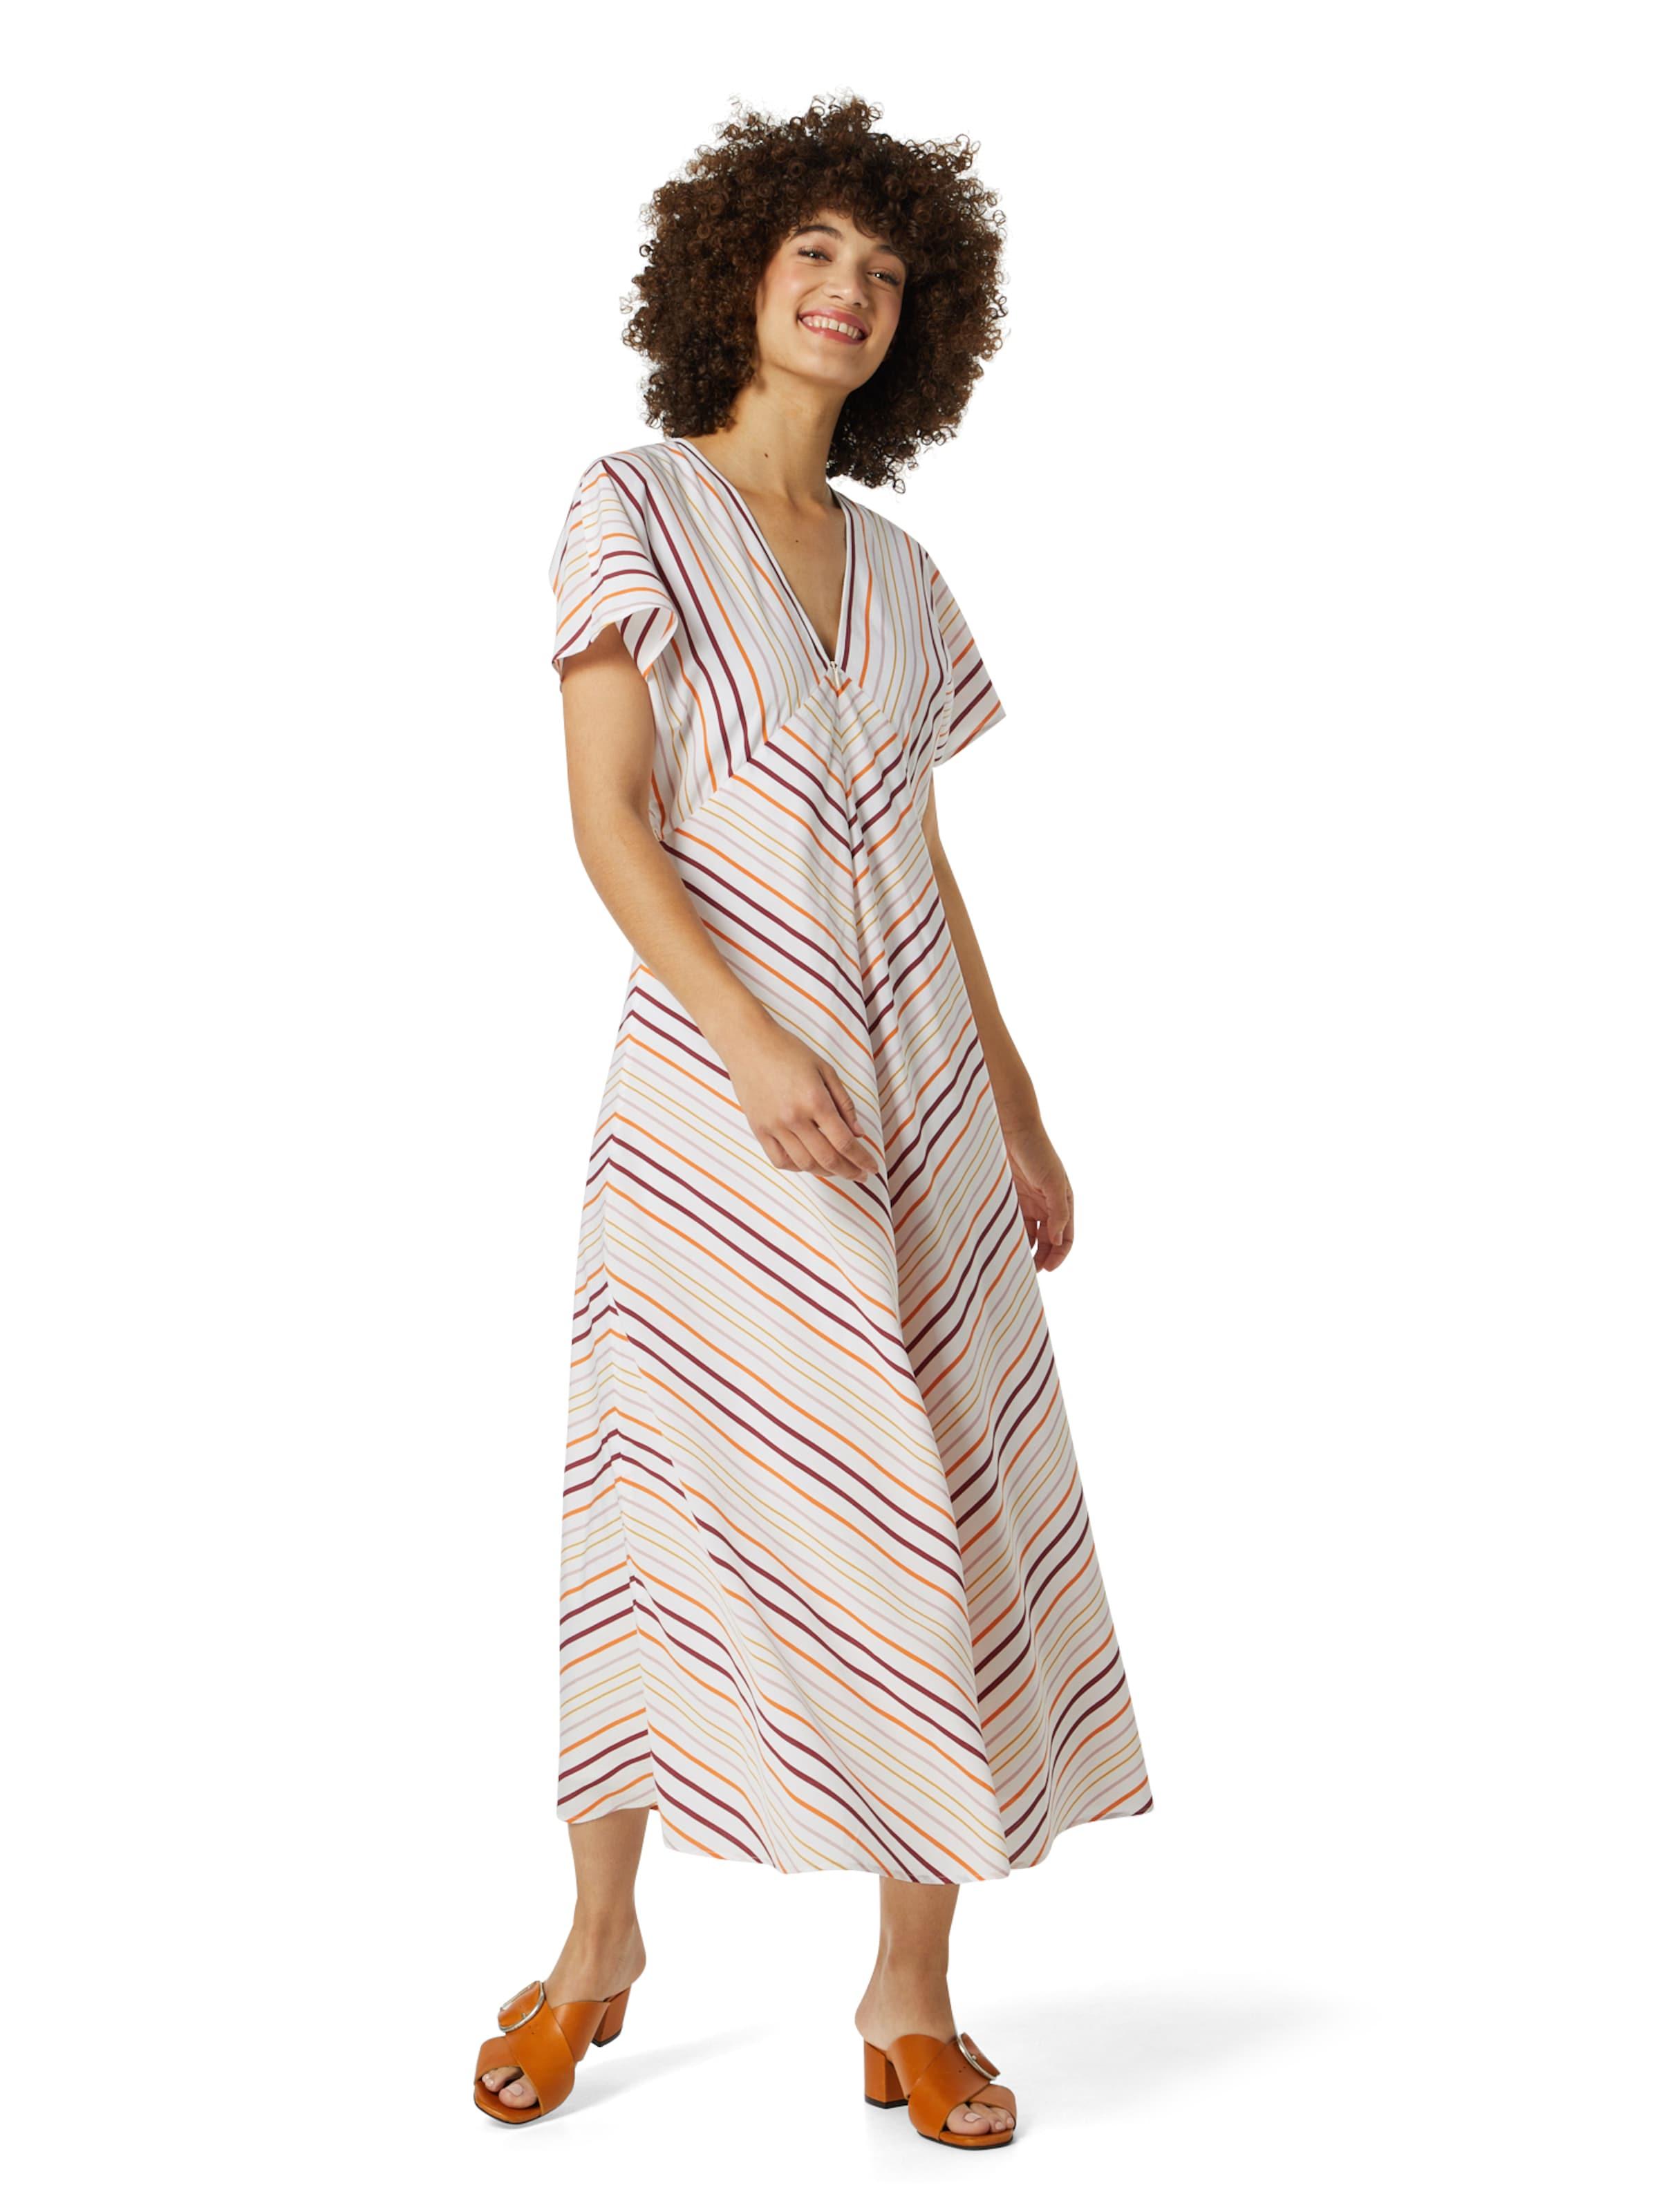 Altrosa 'briana' Drykorn 'briana' In Drykorn Kleider Drykorn Kleider Kleider Altrosa In 'briana' BoQrxedWC